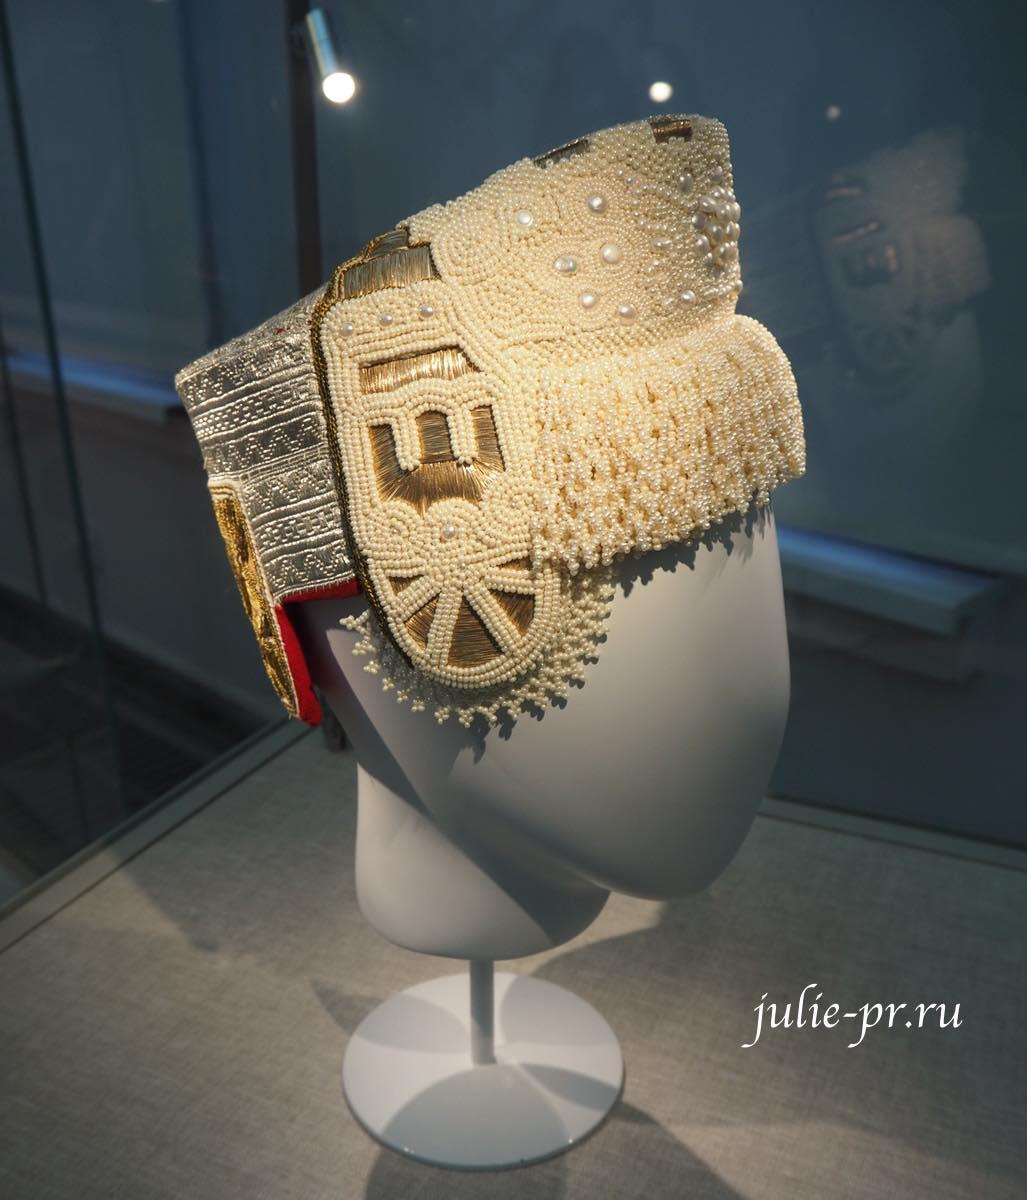 Всероссийская выставка вышивки, вышивка, Кокошник